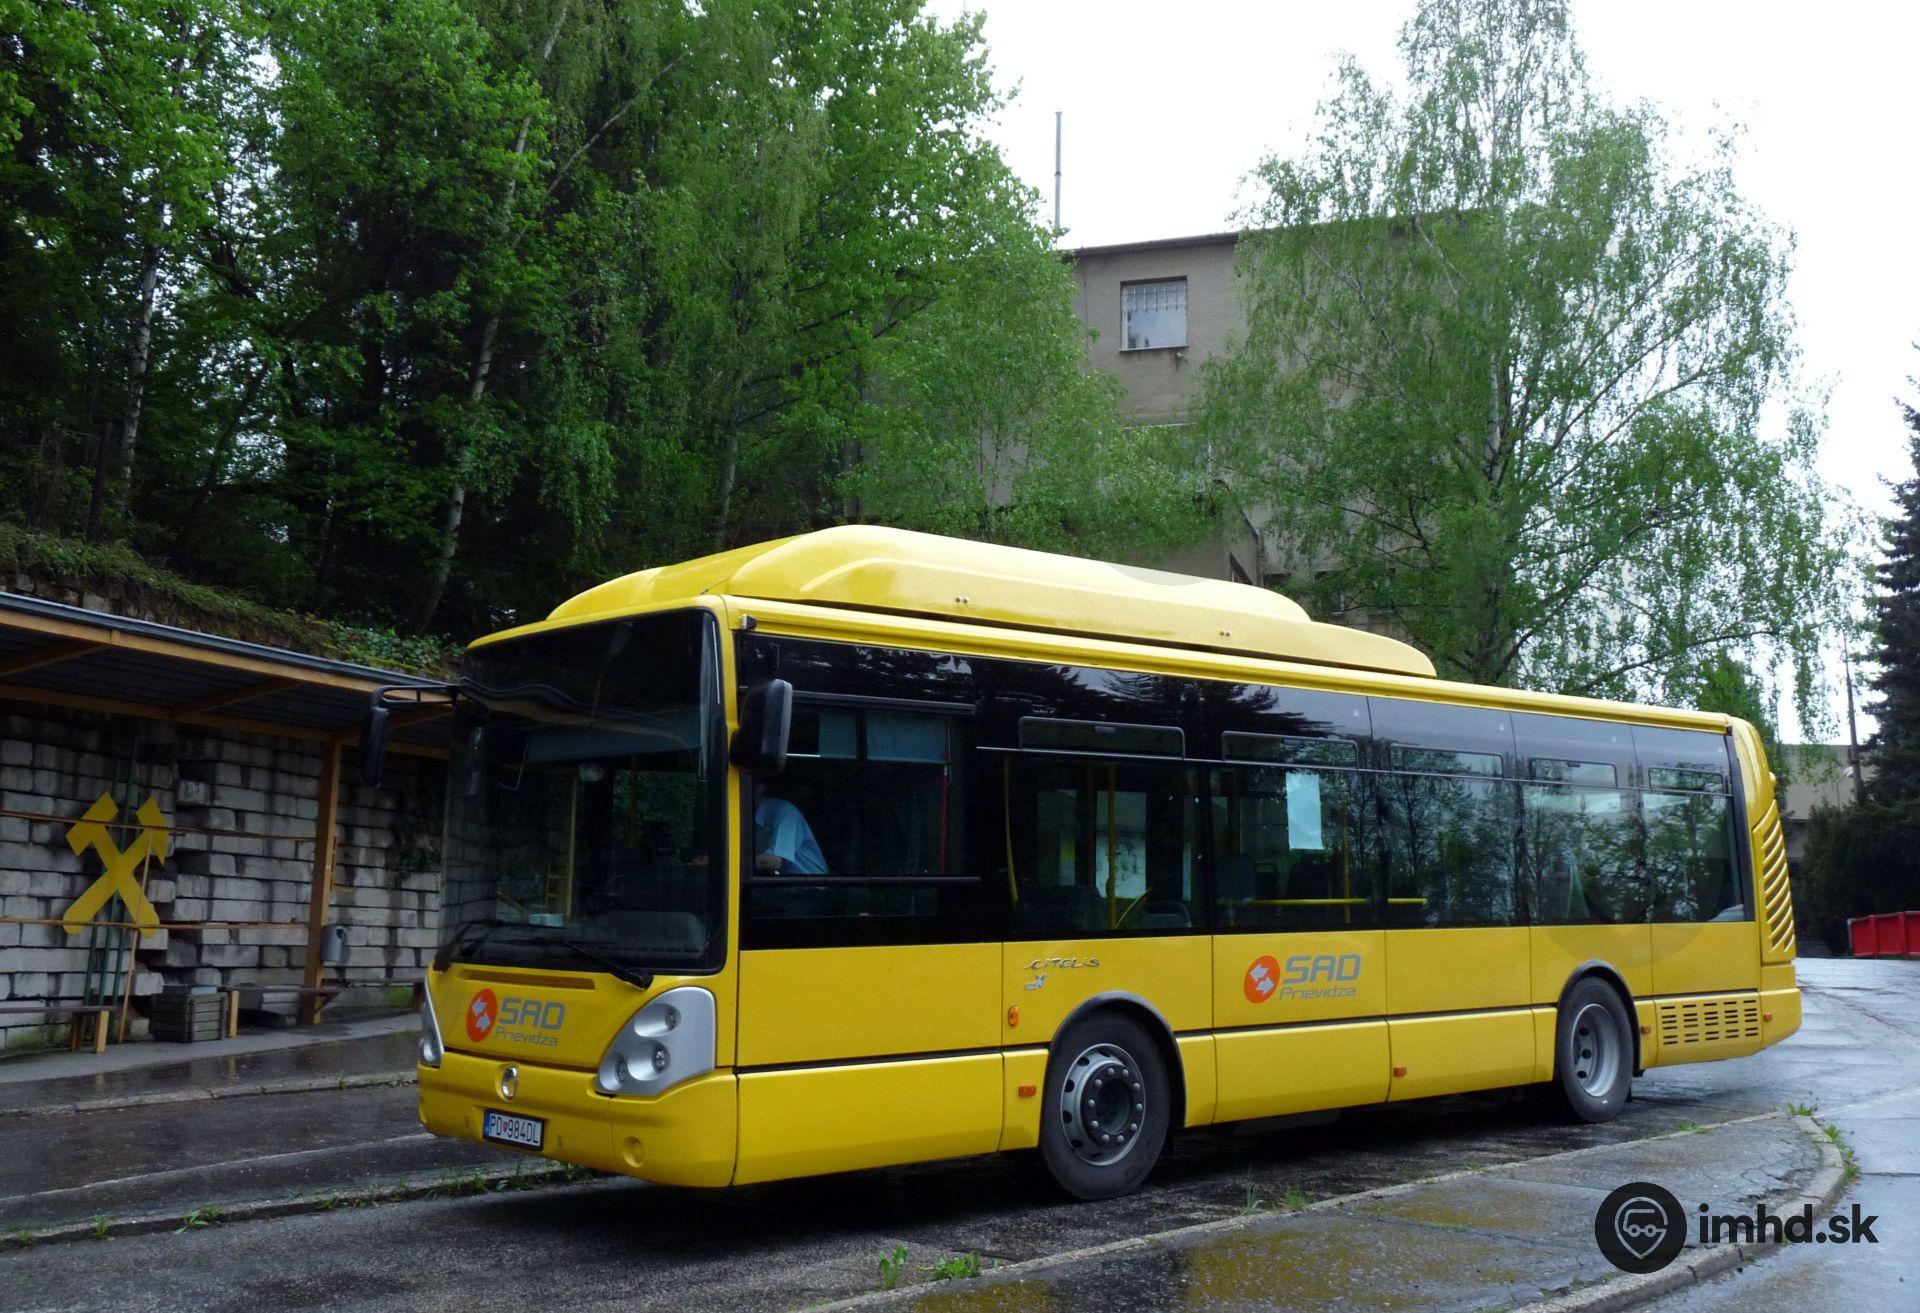 6cd04a128 MHD Prievidza & Bojnice • imhd.sk Banská Bystrica